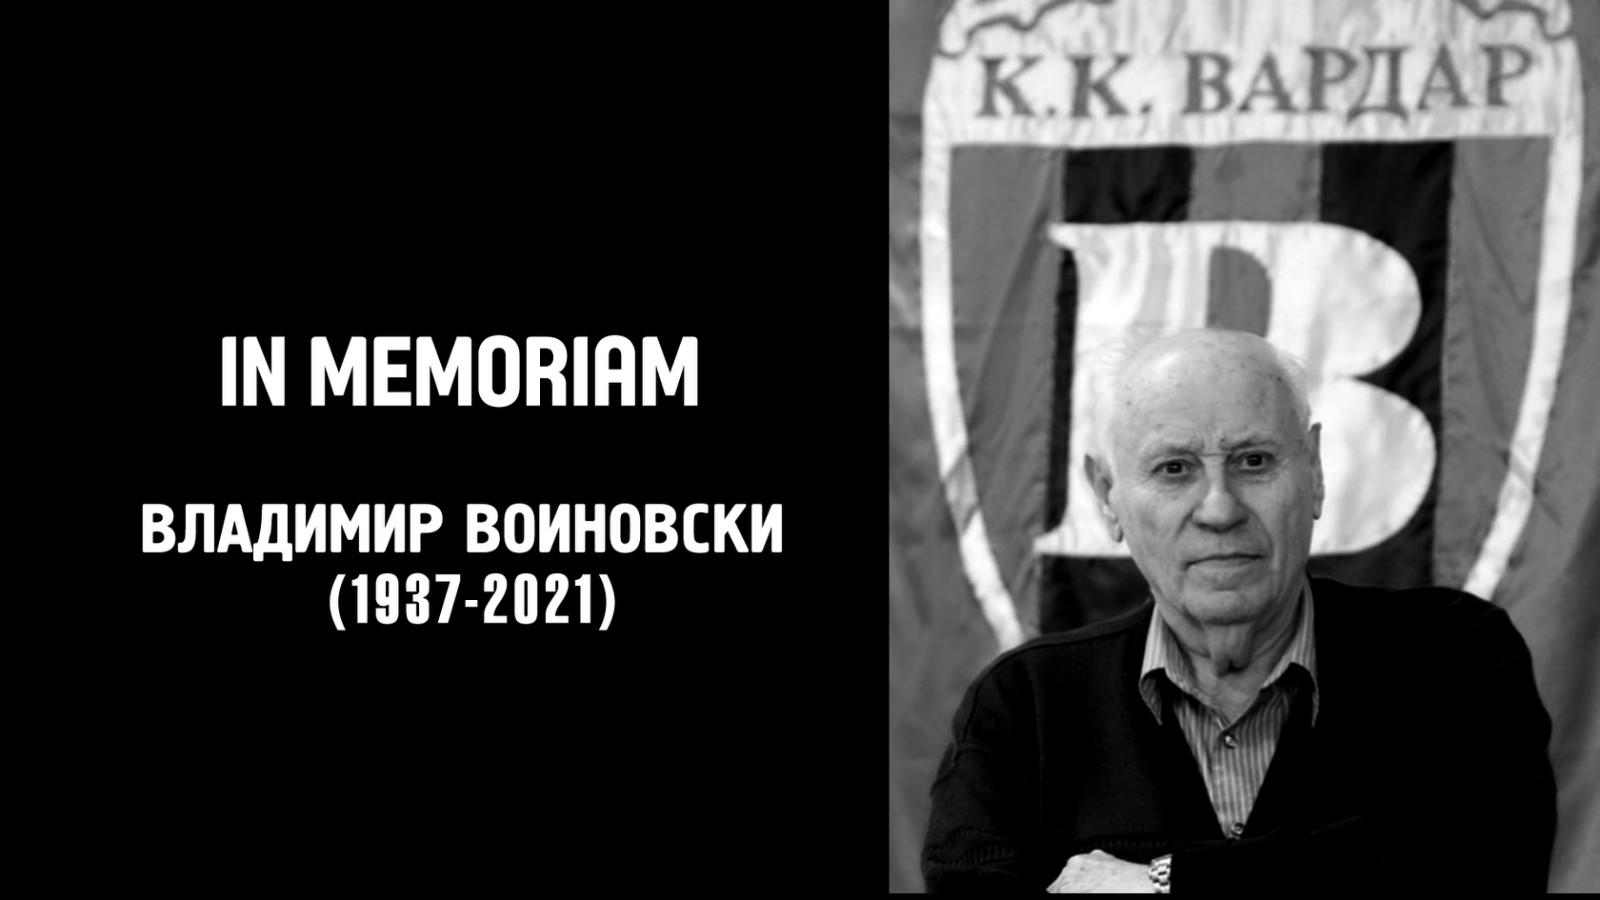 ИН МЕМОРИАМ: Владимир Воиновски (1937-2021)